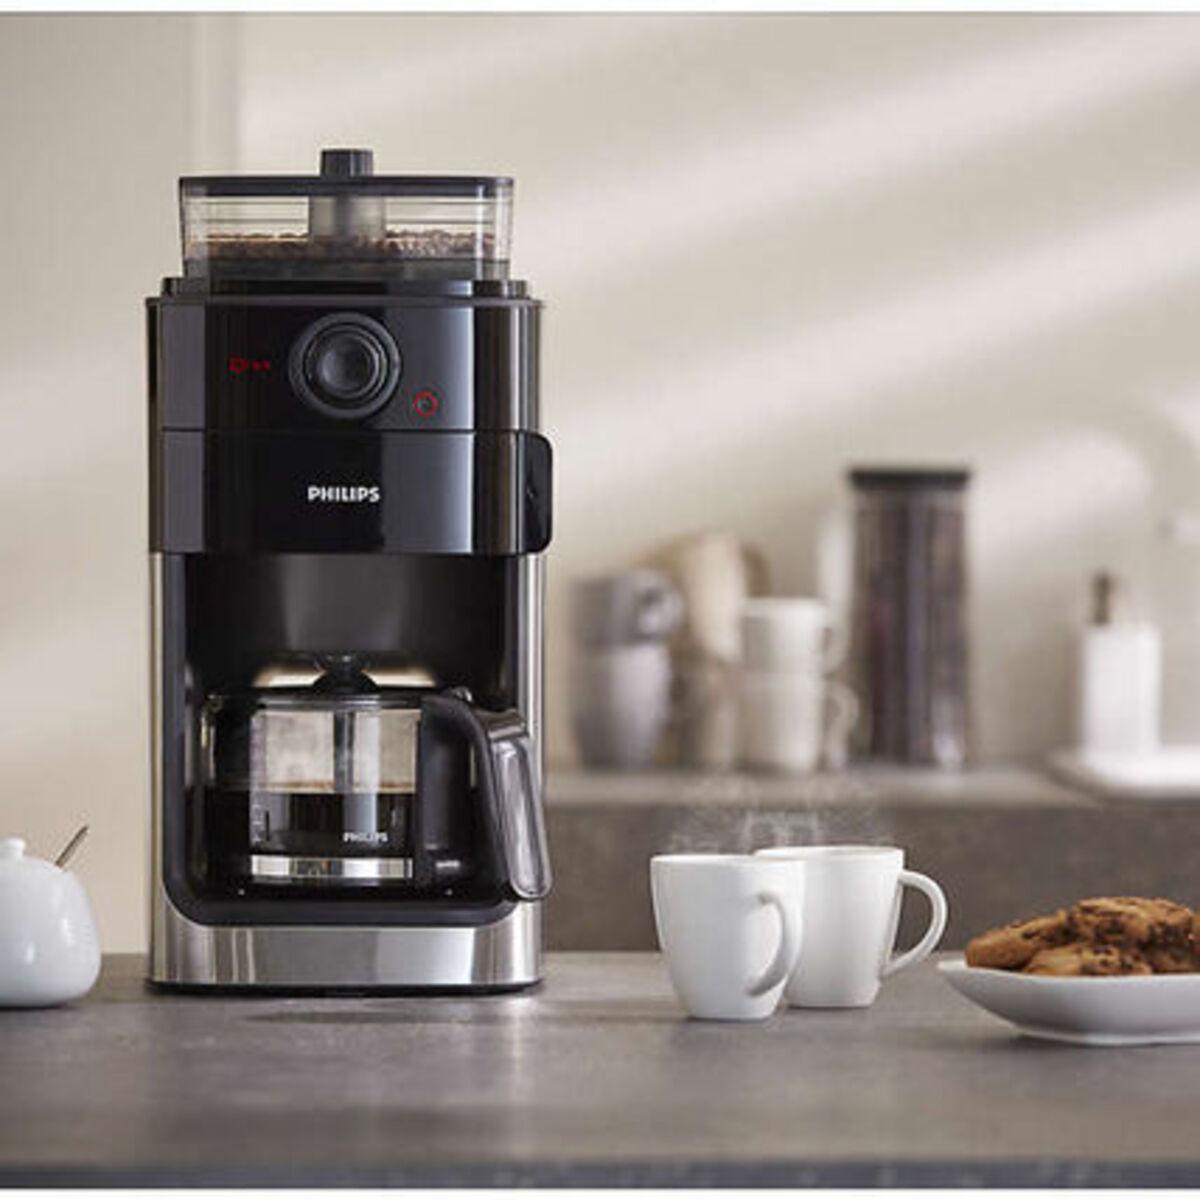 Bild 2 von Philips Kaffeeautomat HD7767/00 mit Mahlwerk, schwarz/silber, schwarz/Metall